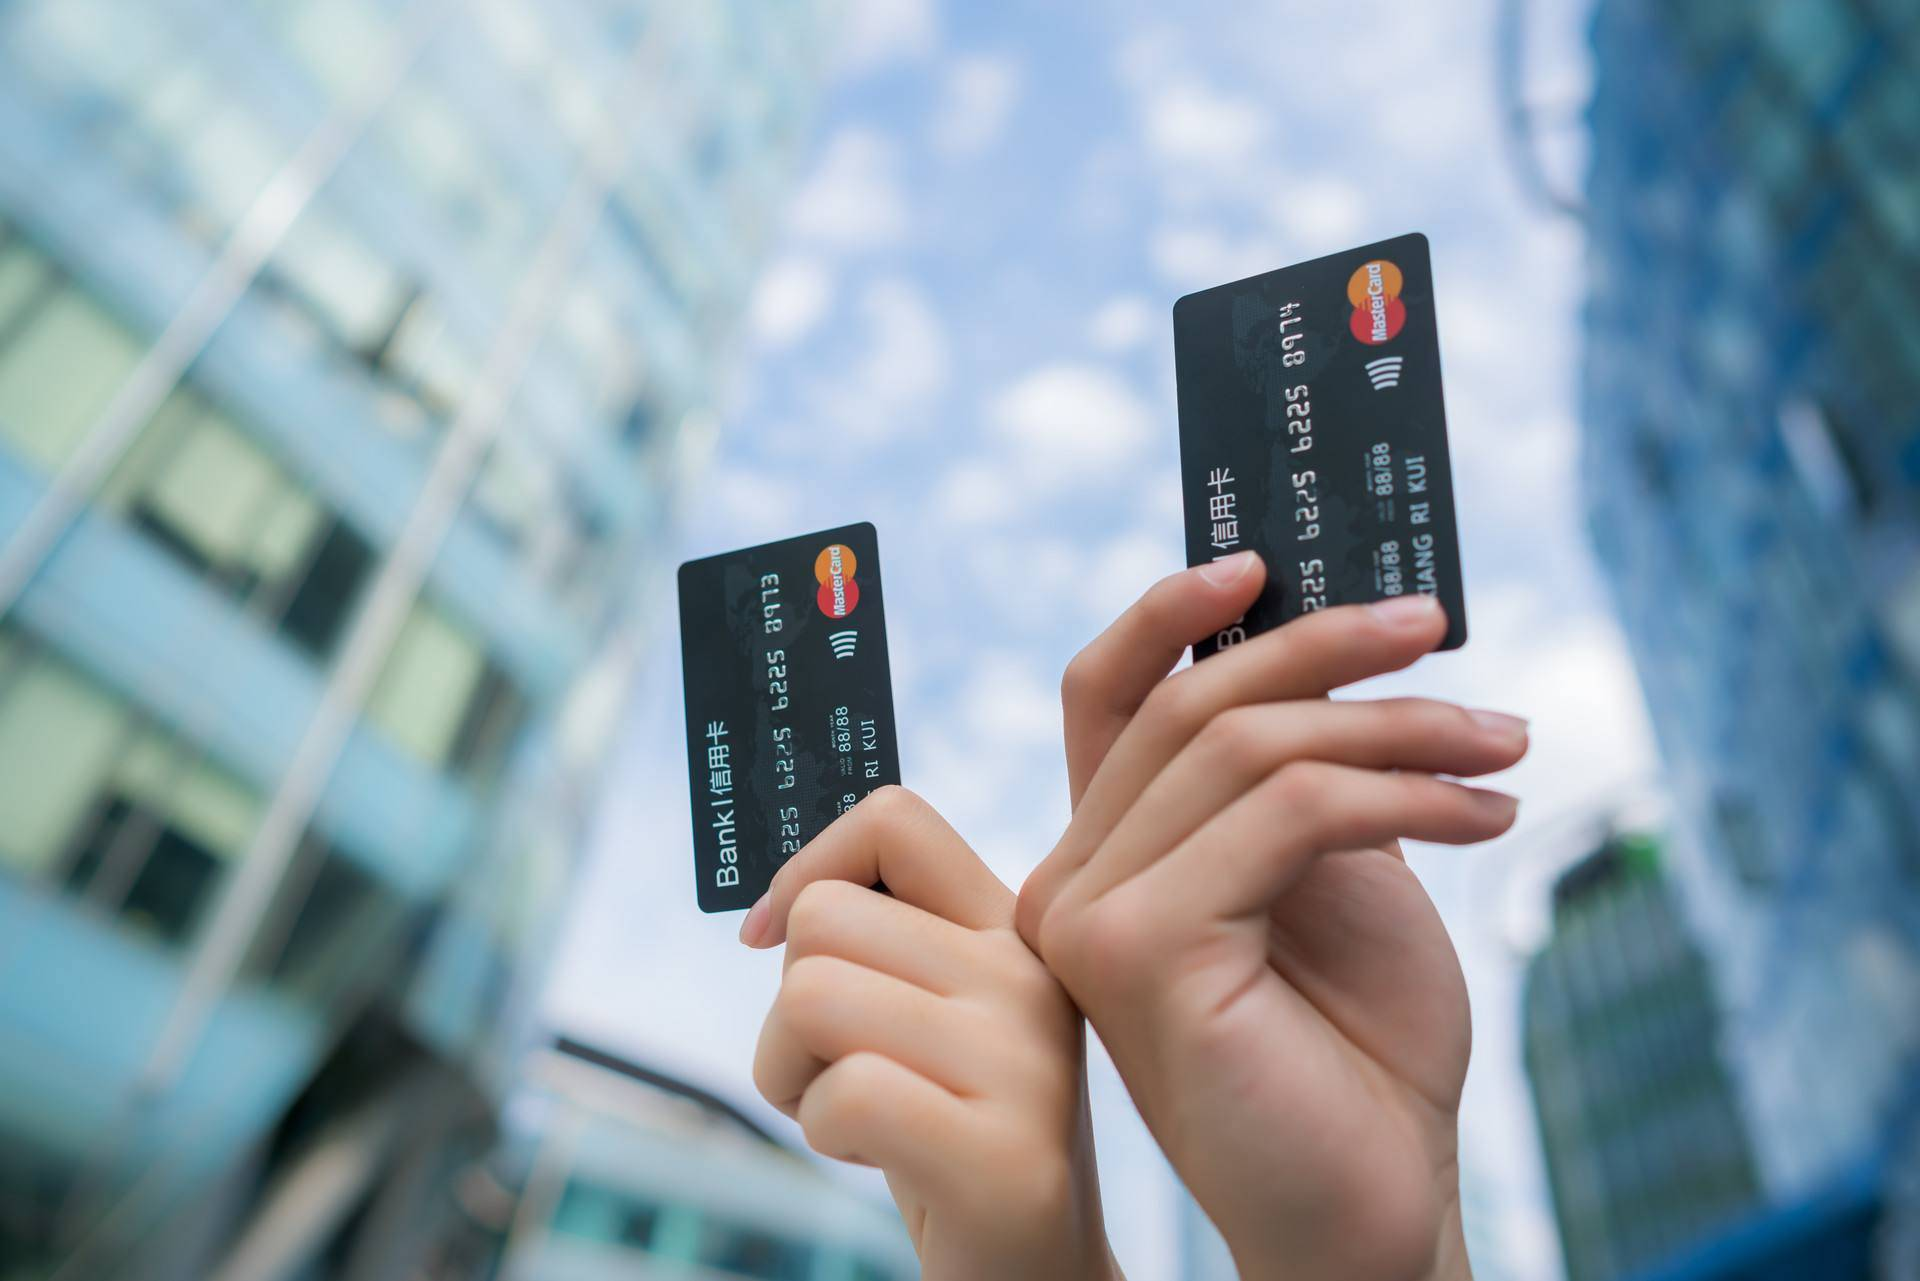 信用卡代还软件是否靠谱?还款方式是什么? 薅羊毛 第1张